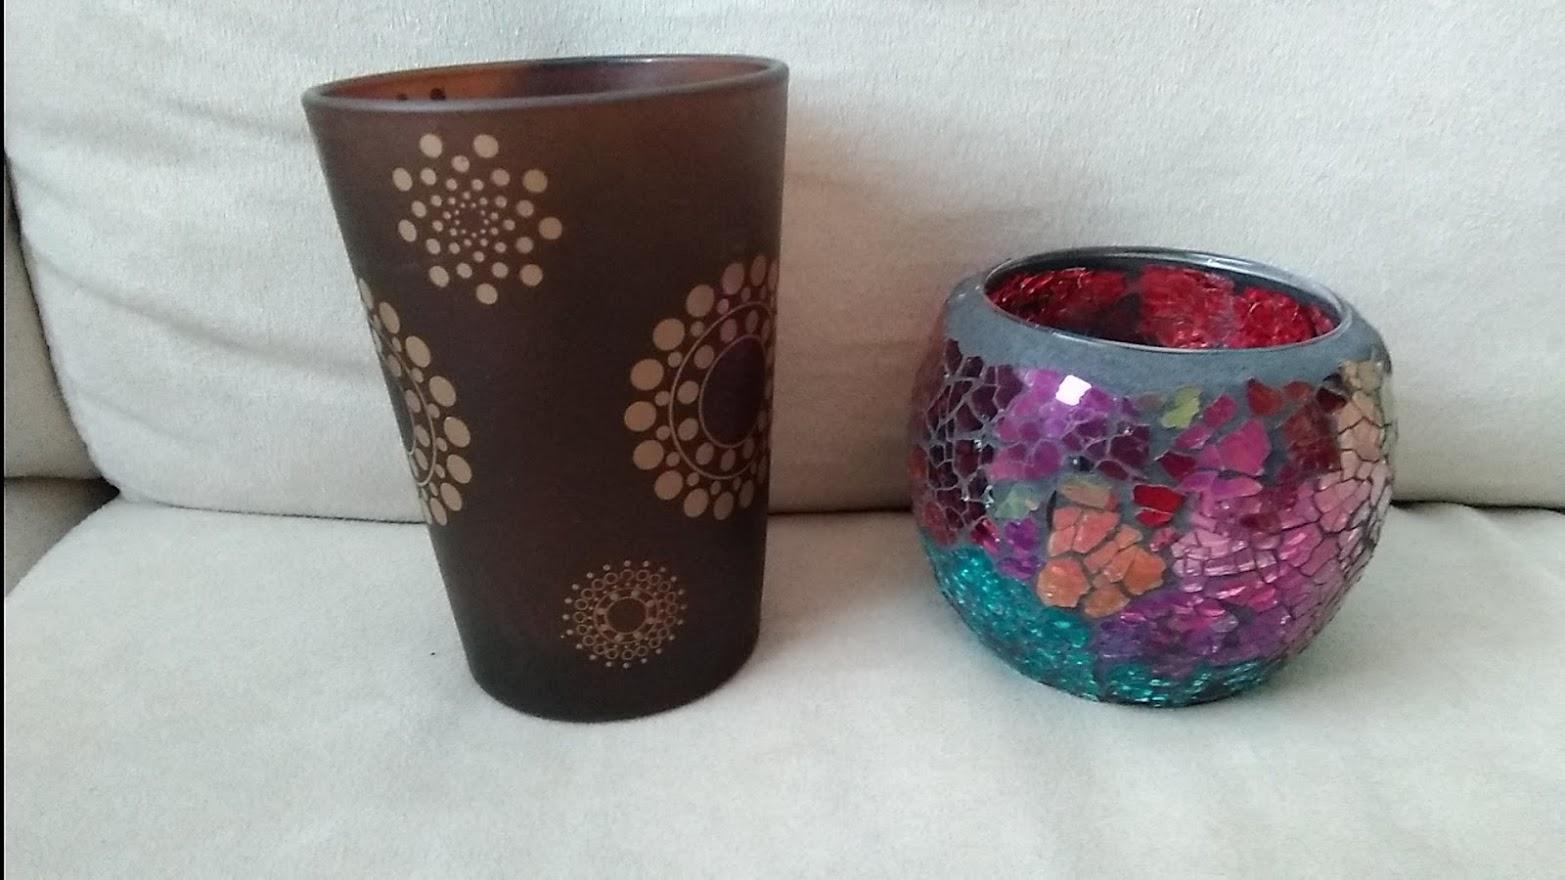 Sklenené svietniky na čajové sviečky - Obrázok č. 4